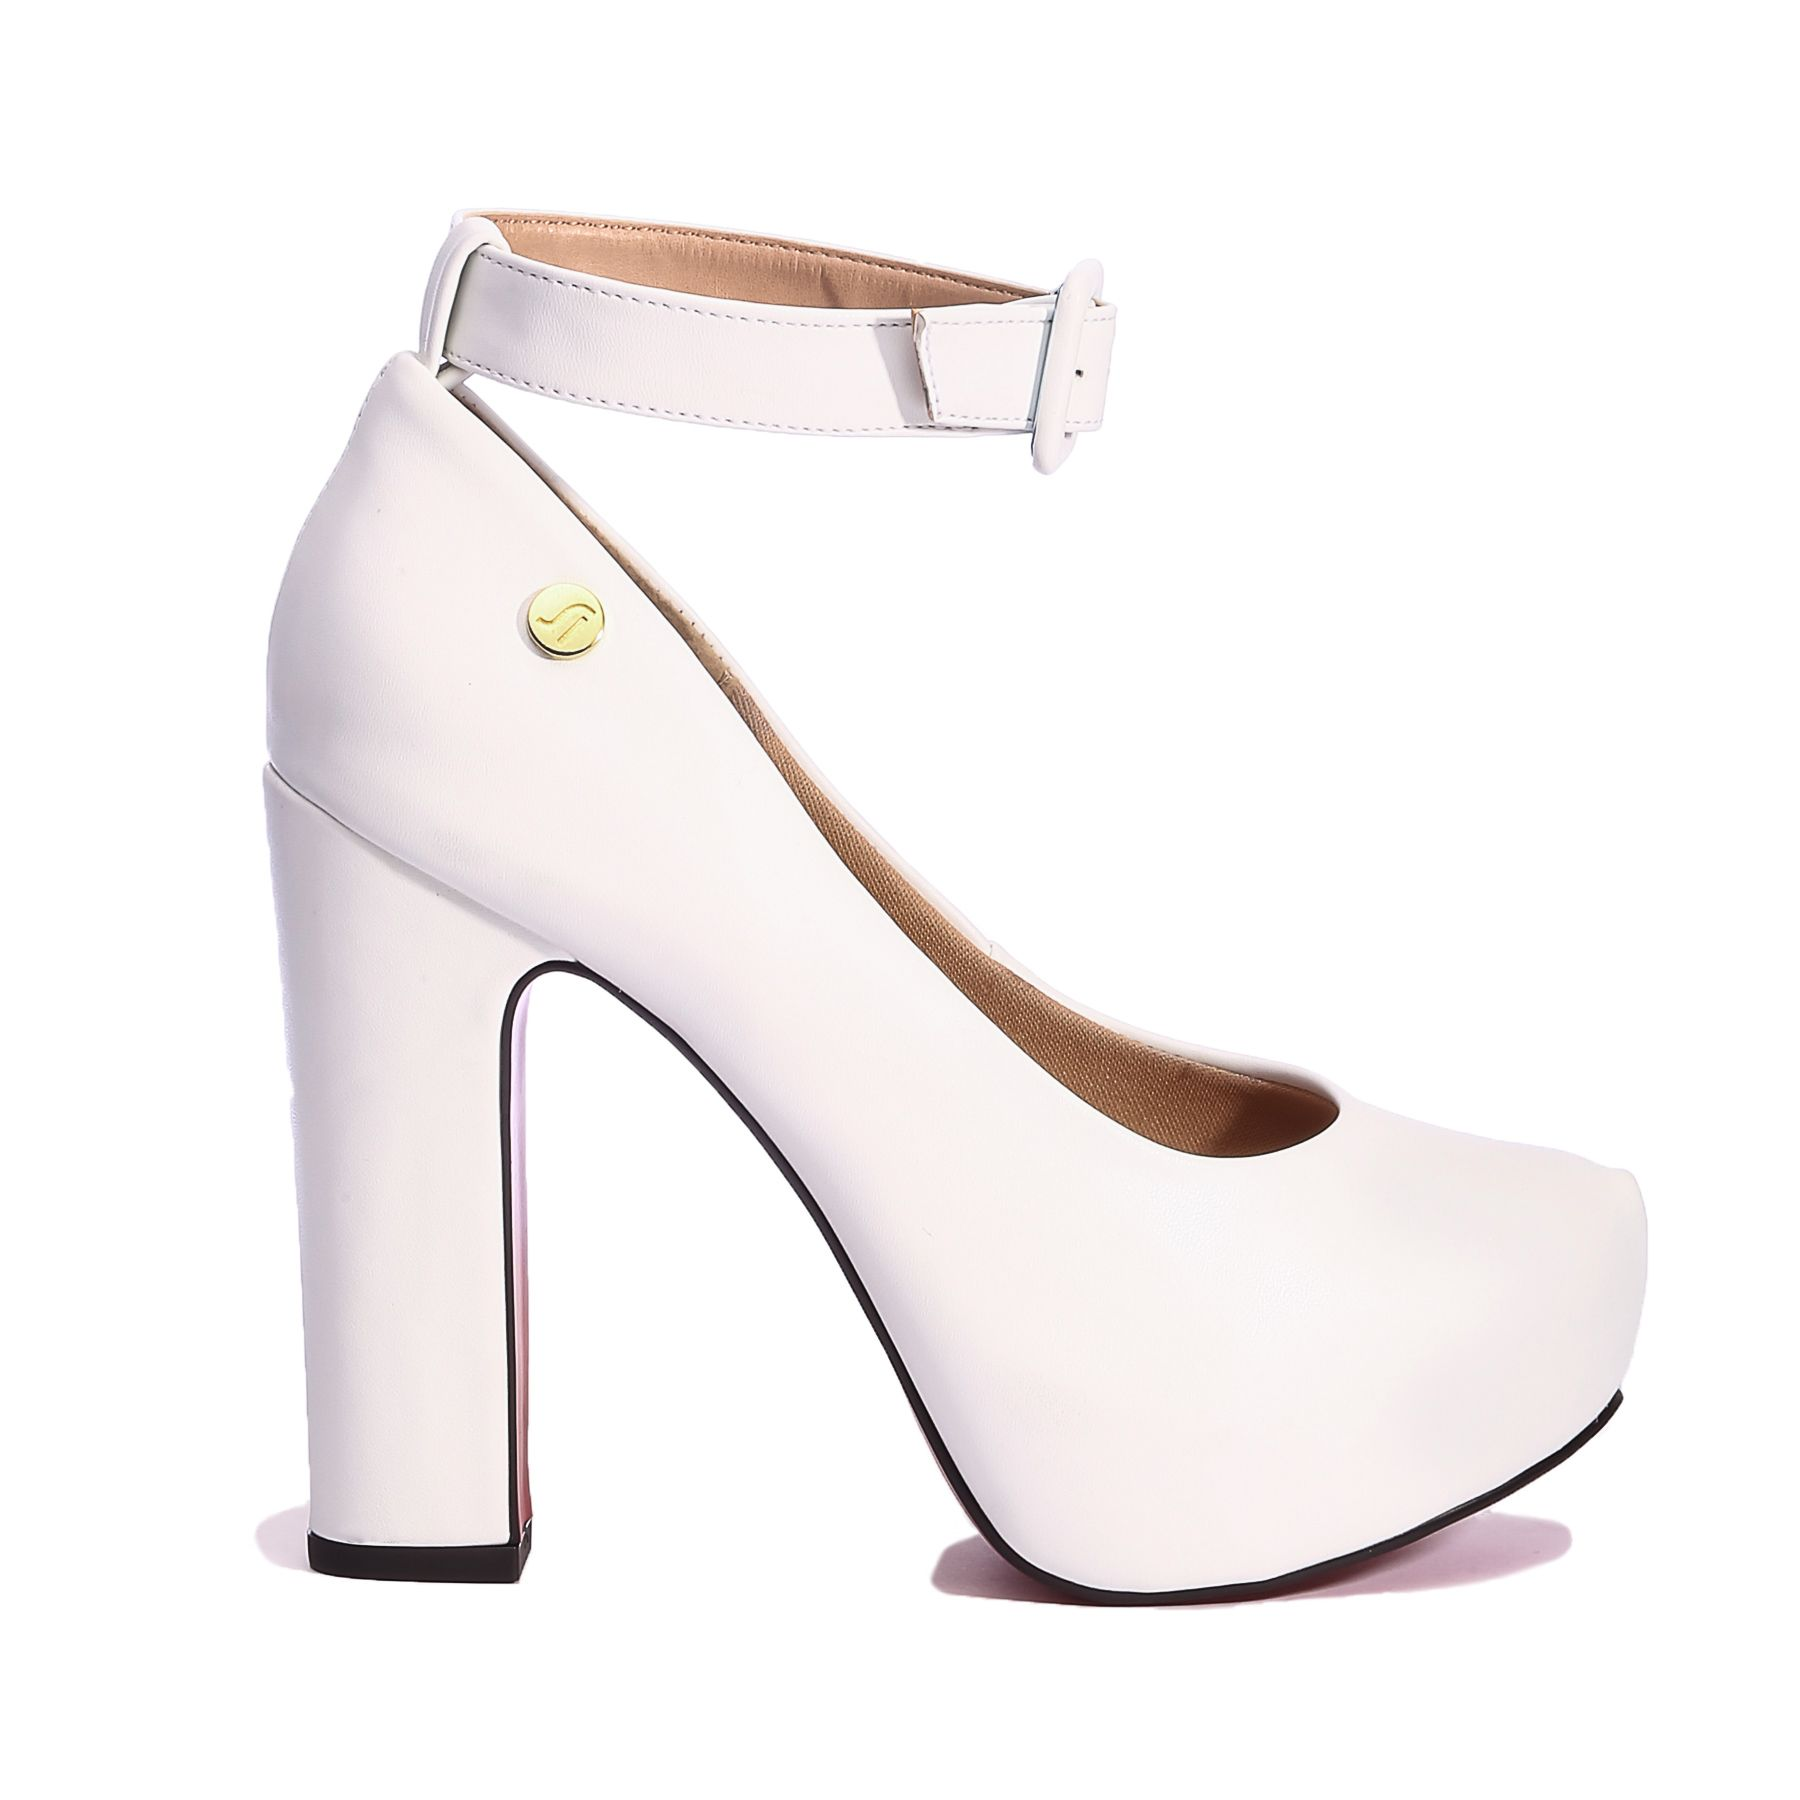 24807939f7 Página inicial Sapatos. FOTOS. SAPATO FEMININO NAVIO SALTO BLOCO ALTO MEIA  PATA SOLA VERMELHA LASENNA REF:9463